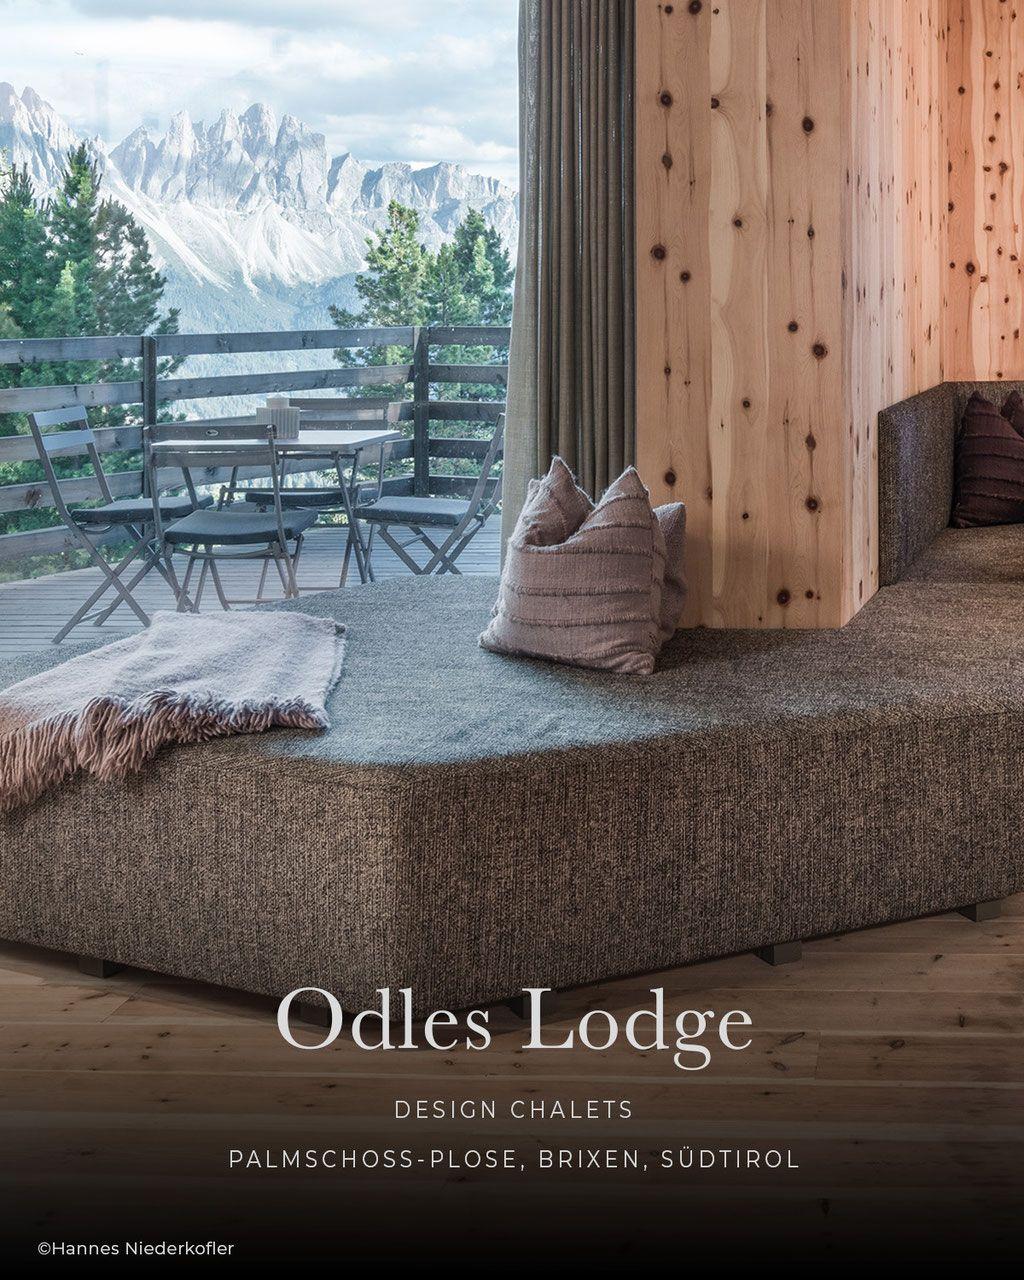 Les 12 plus beaux hôtels des Alpes BUCKETLIST 2019